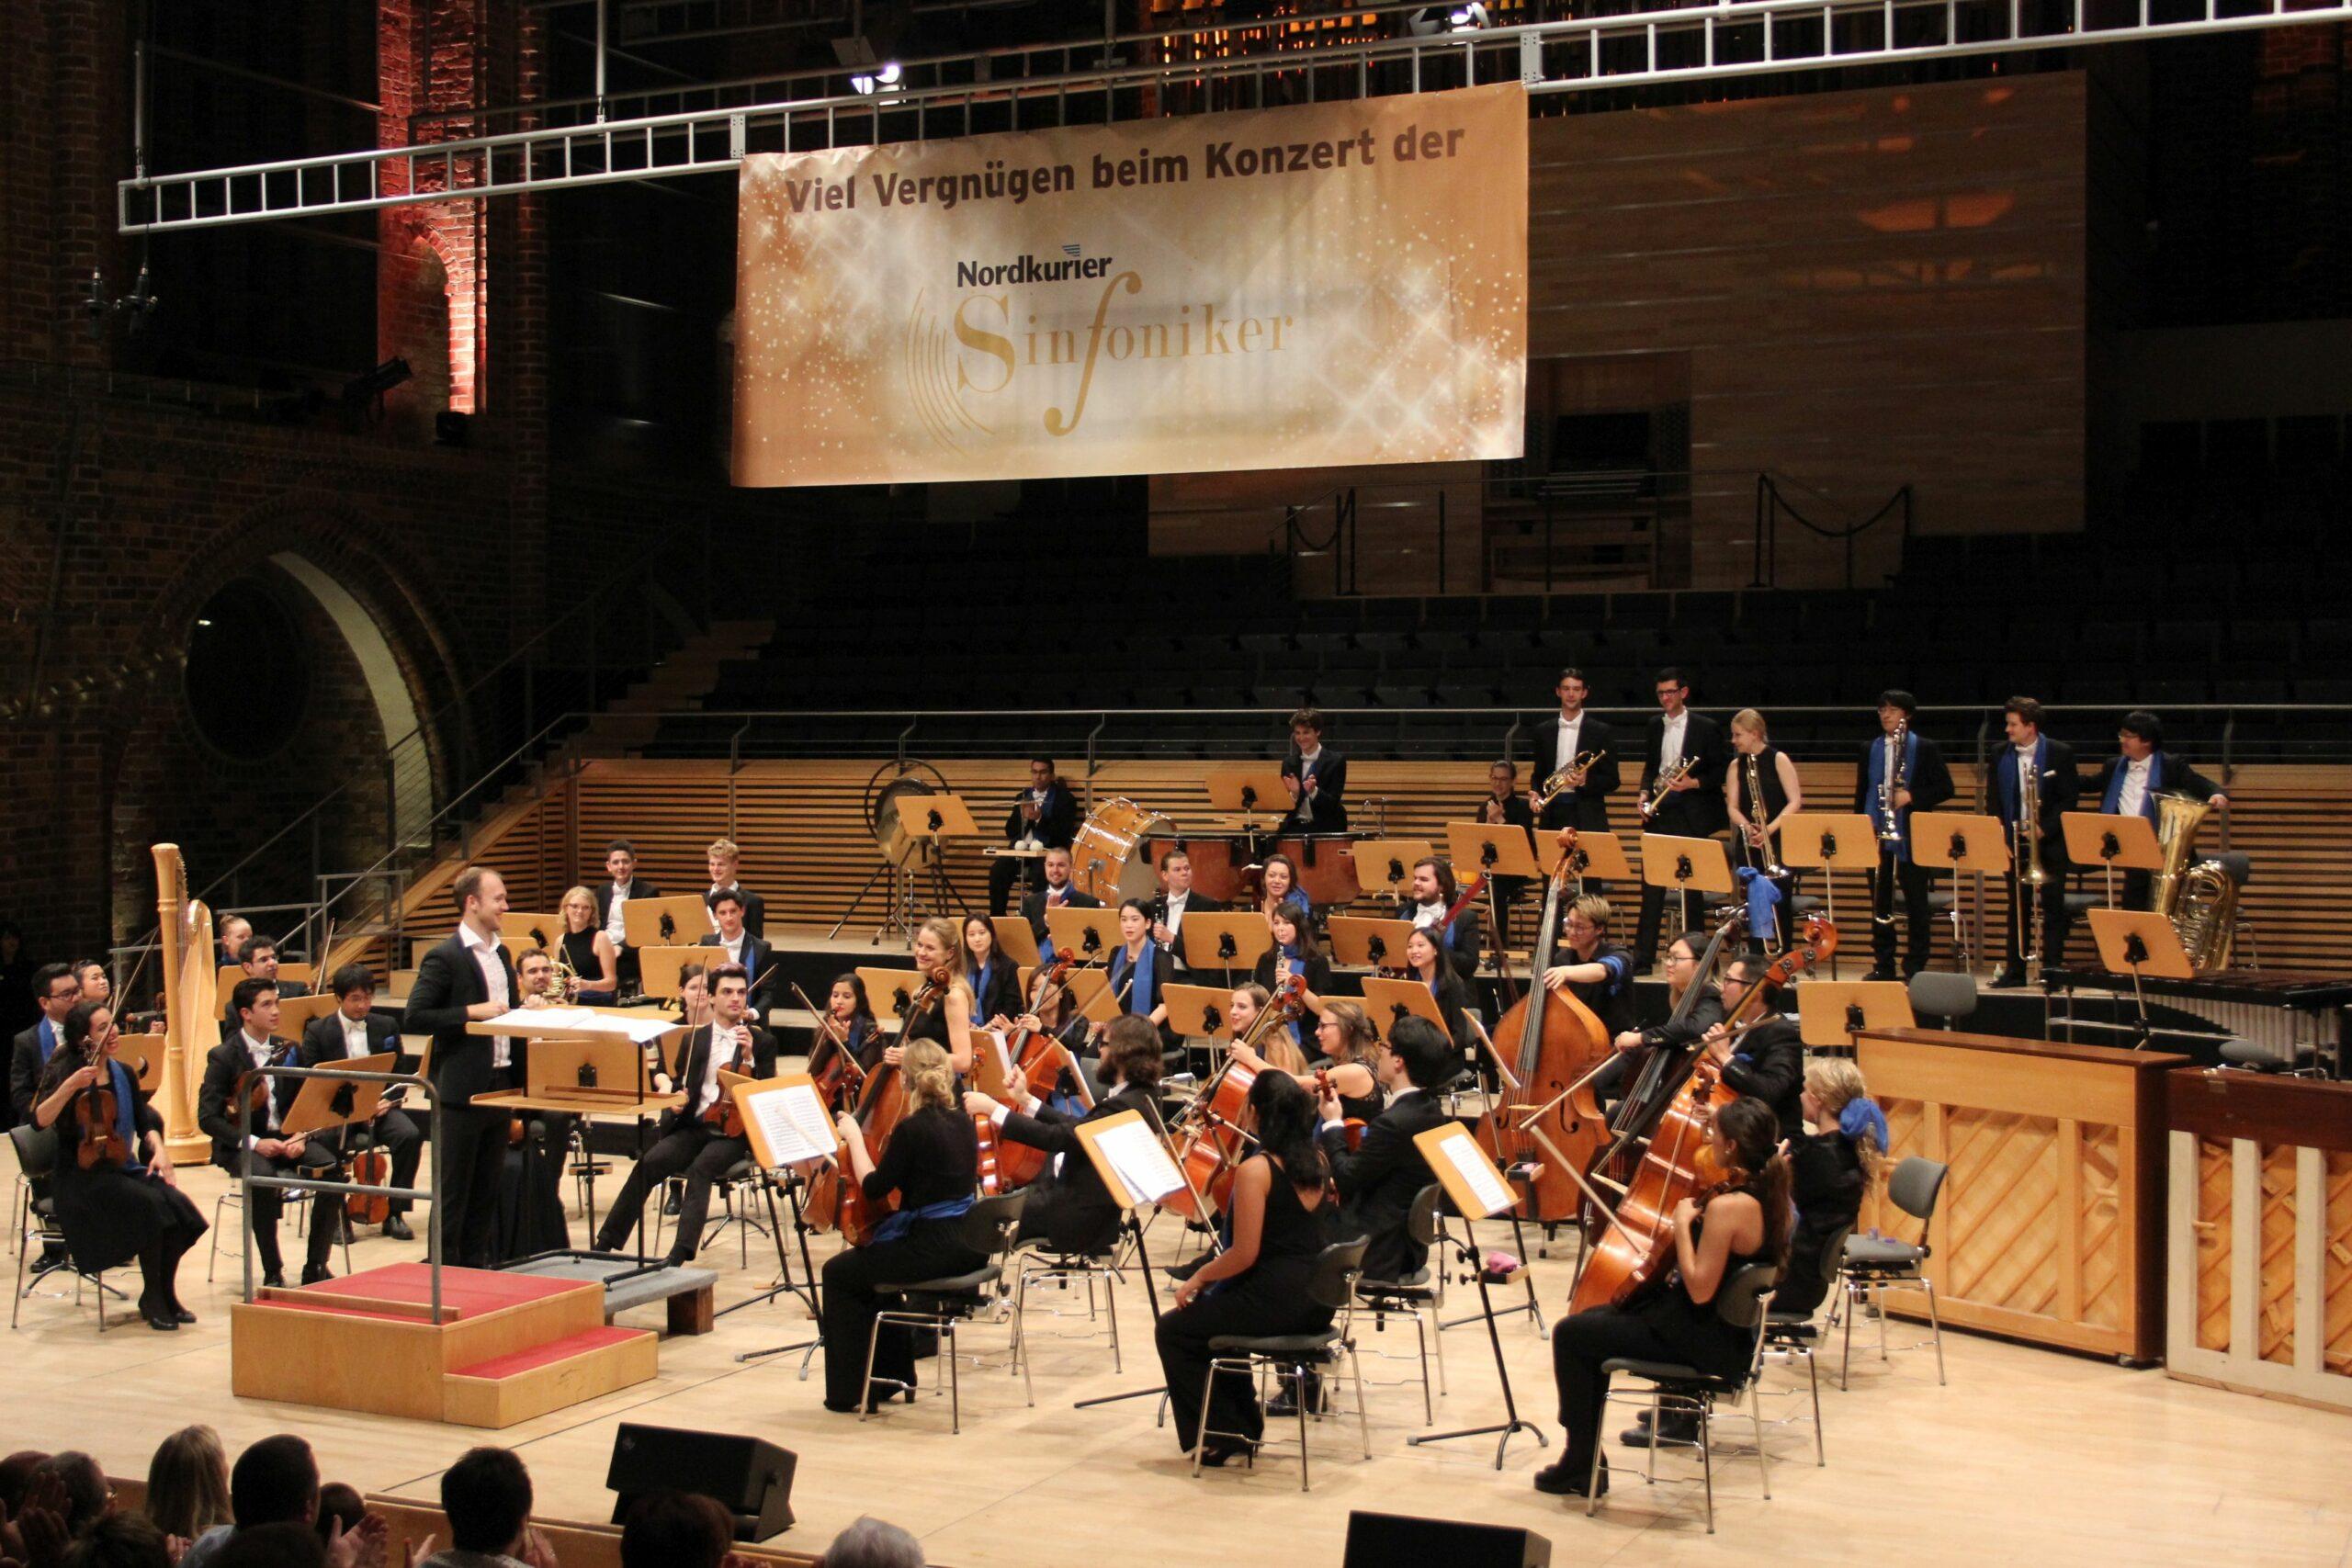 Mecklenburg-Vorpommern ist das Mutterland der Neuen Philharmonie